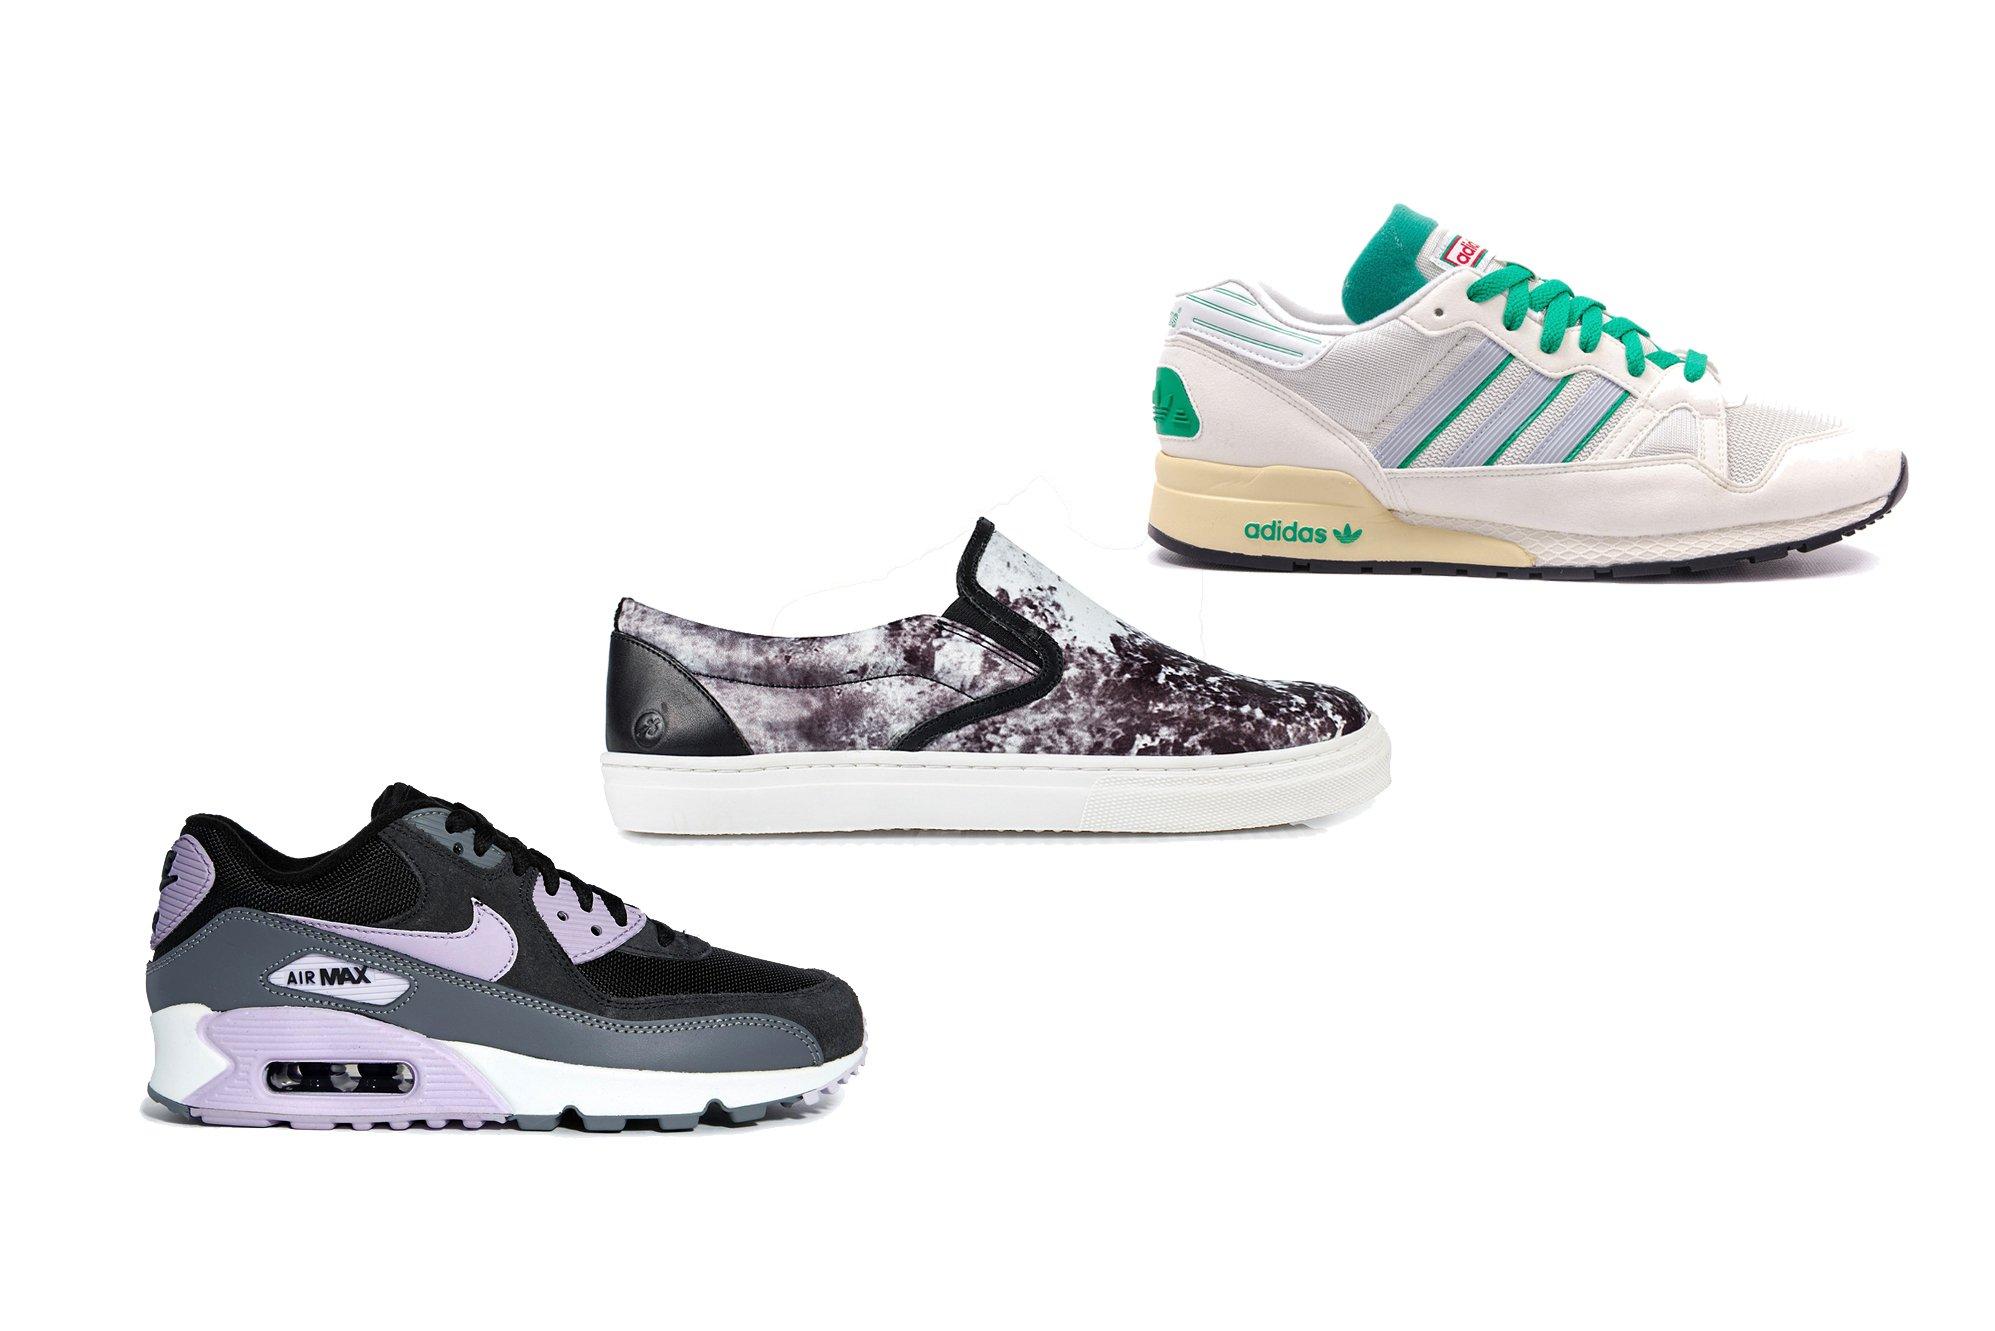 27 seje sneakers | Woman.dk